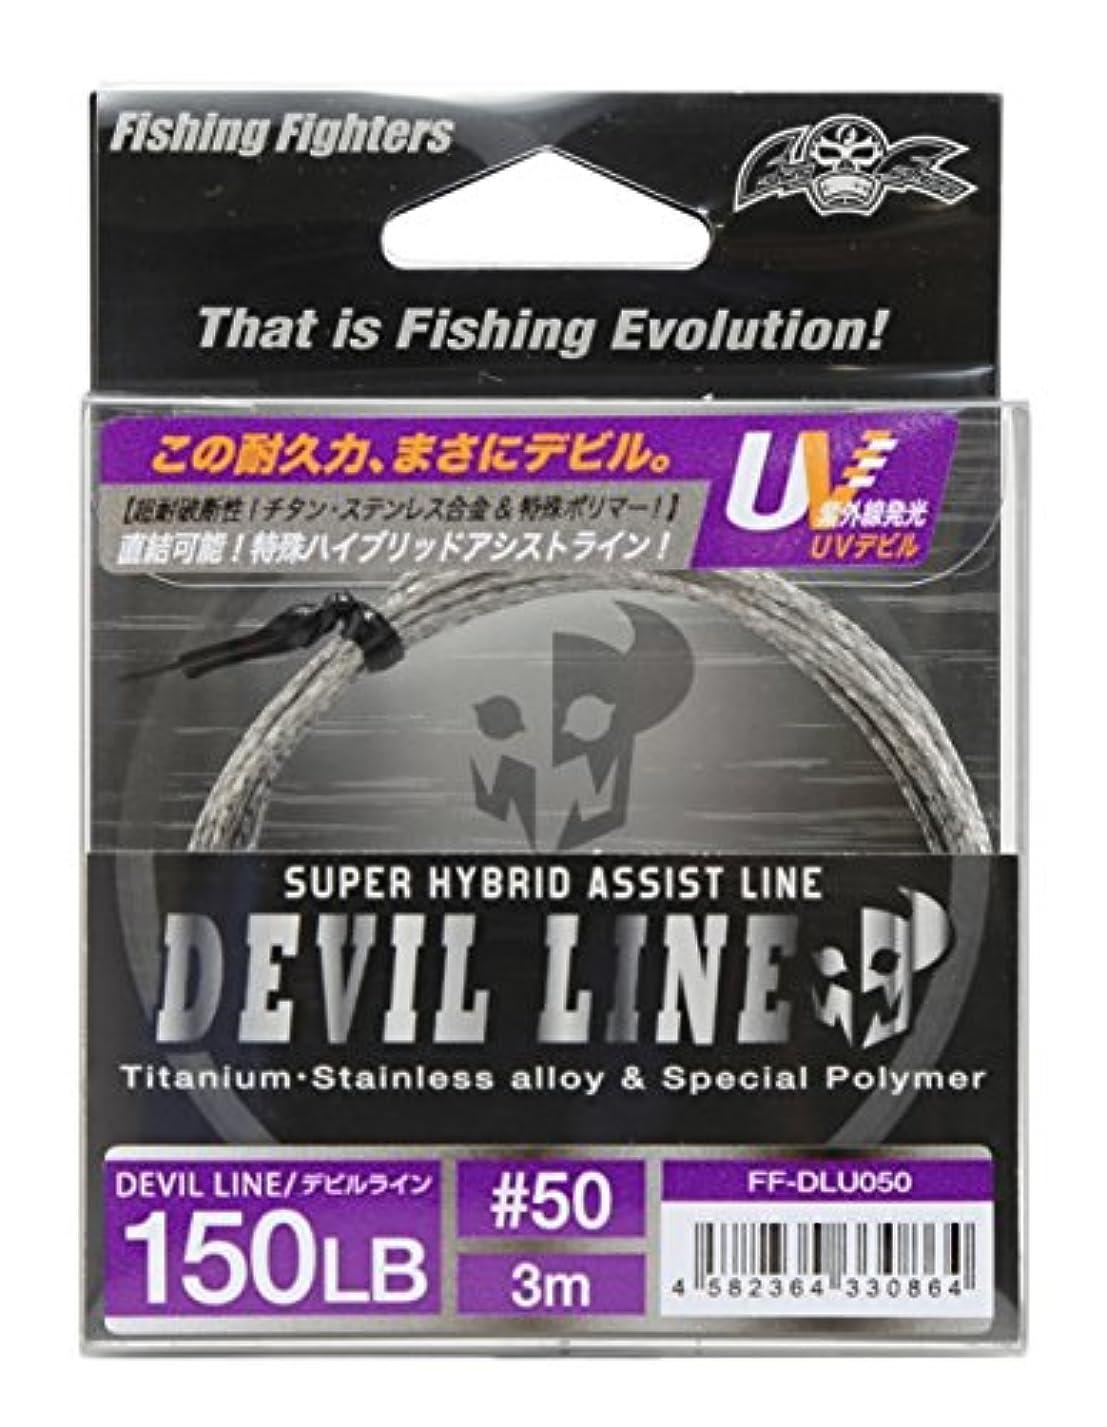 ラフ勝つモニターFishing Fighters(フィッシングファイターズ) アシストライン デビルライン UV #50